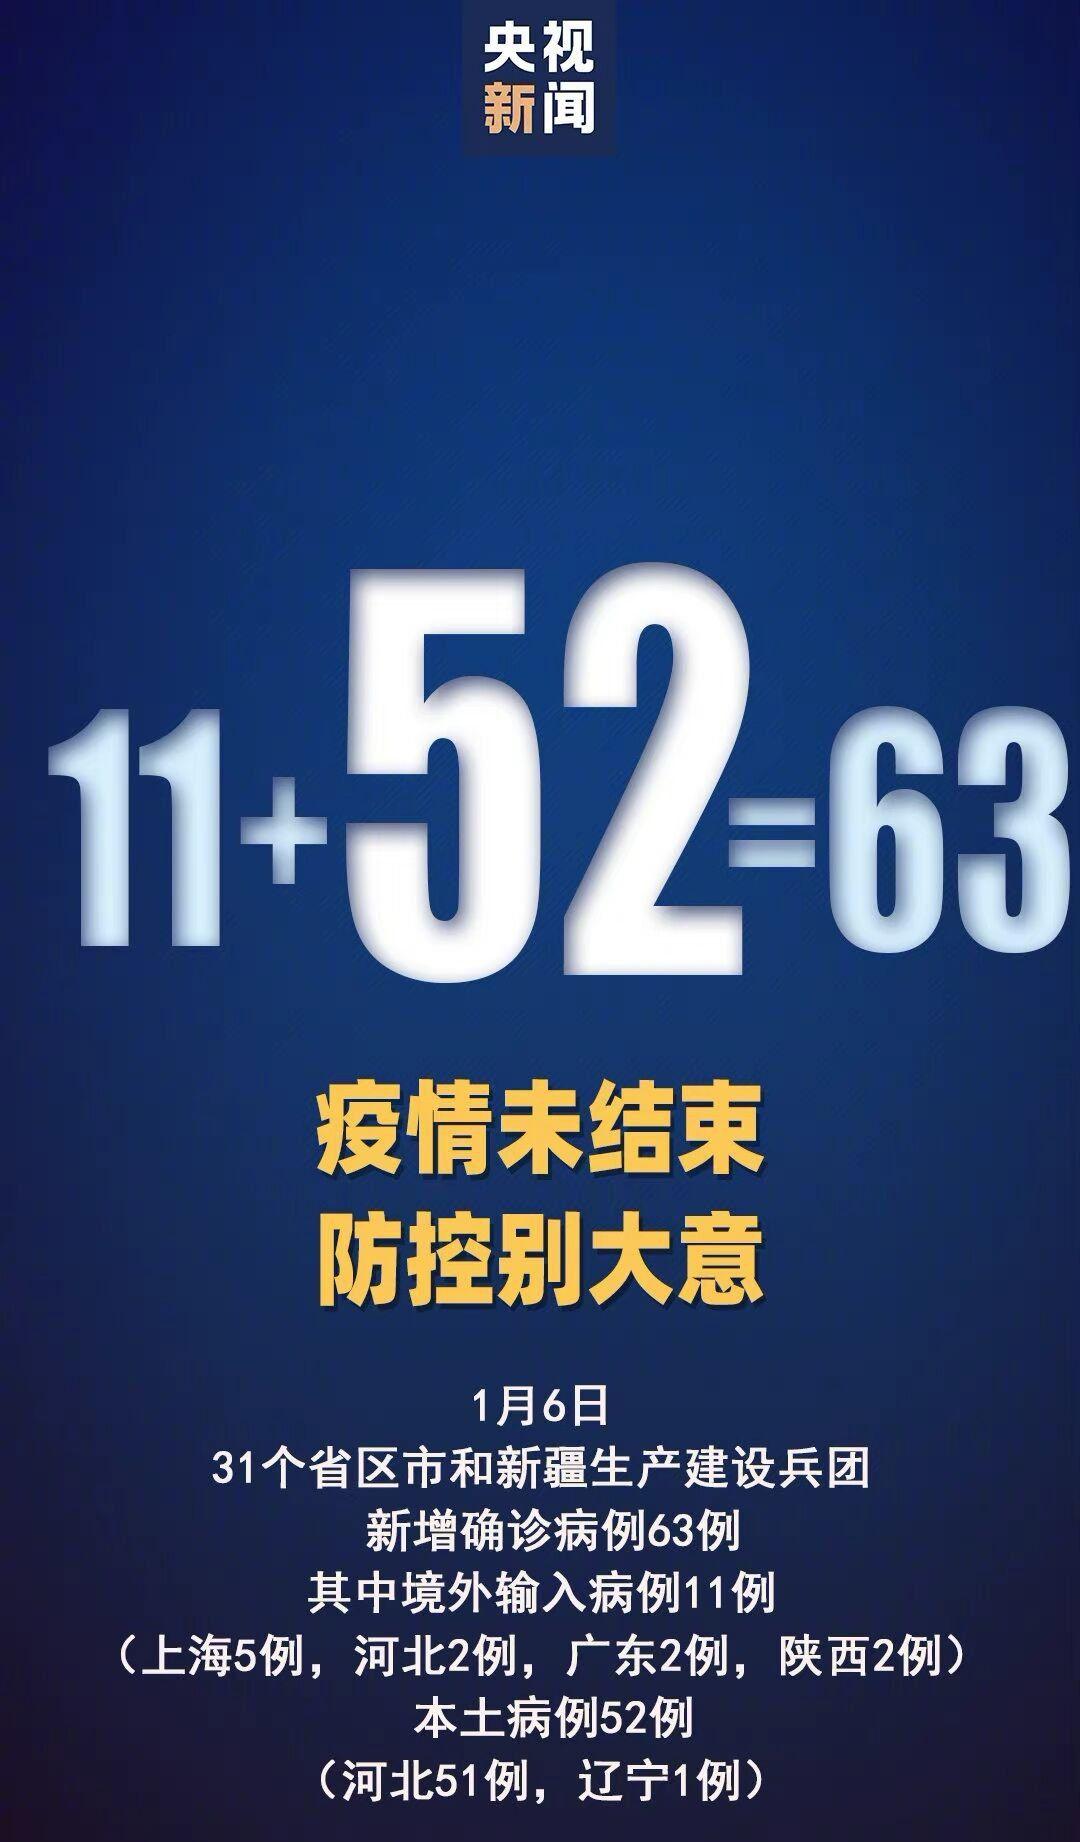 1月6日31省新增本土確診52例:河北51例